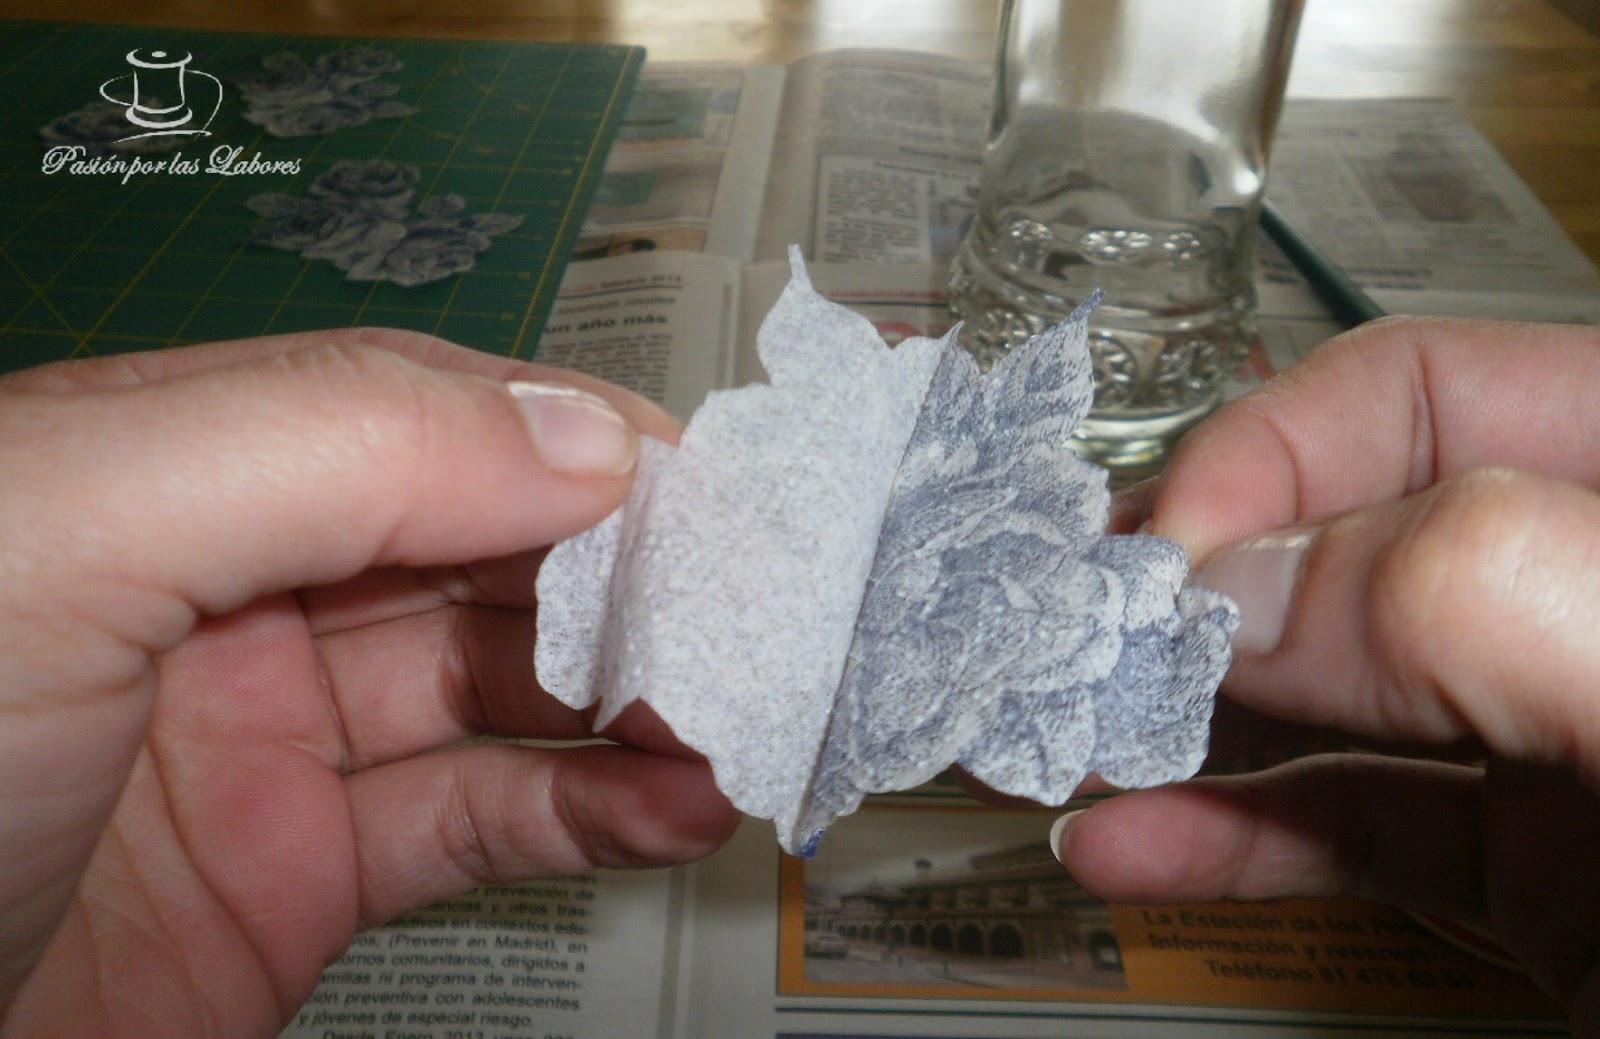 Pasi n por las labores tutorial de decapage en vidrio - Papel para vidrios ...